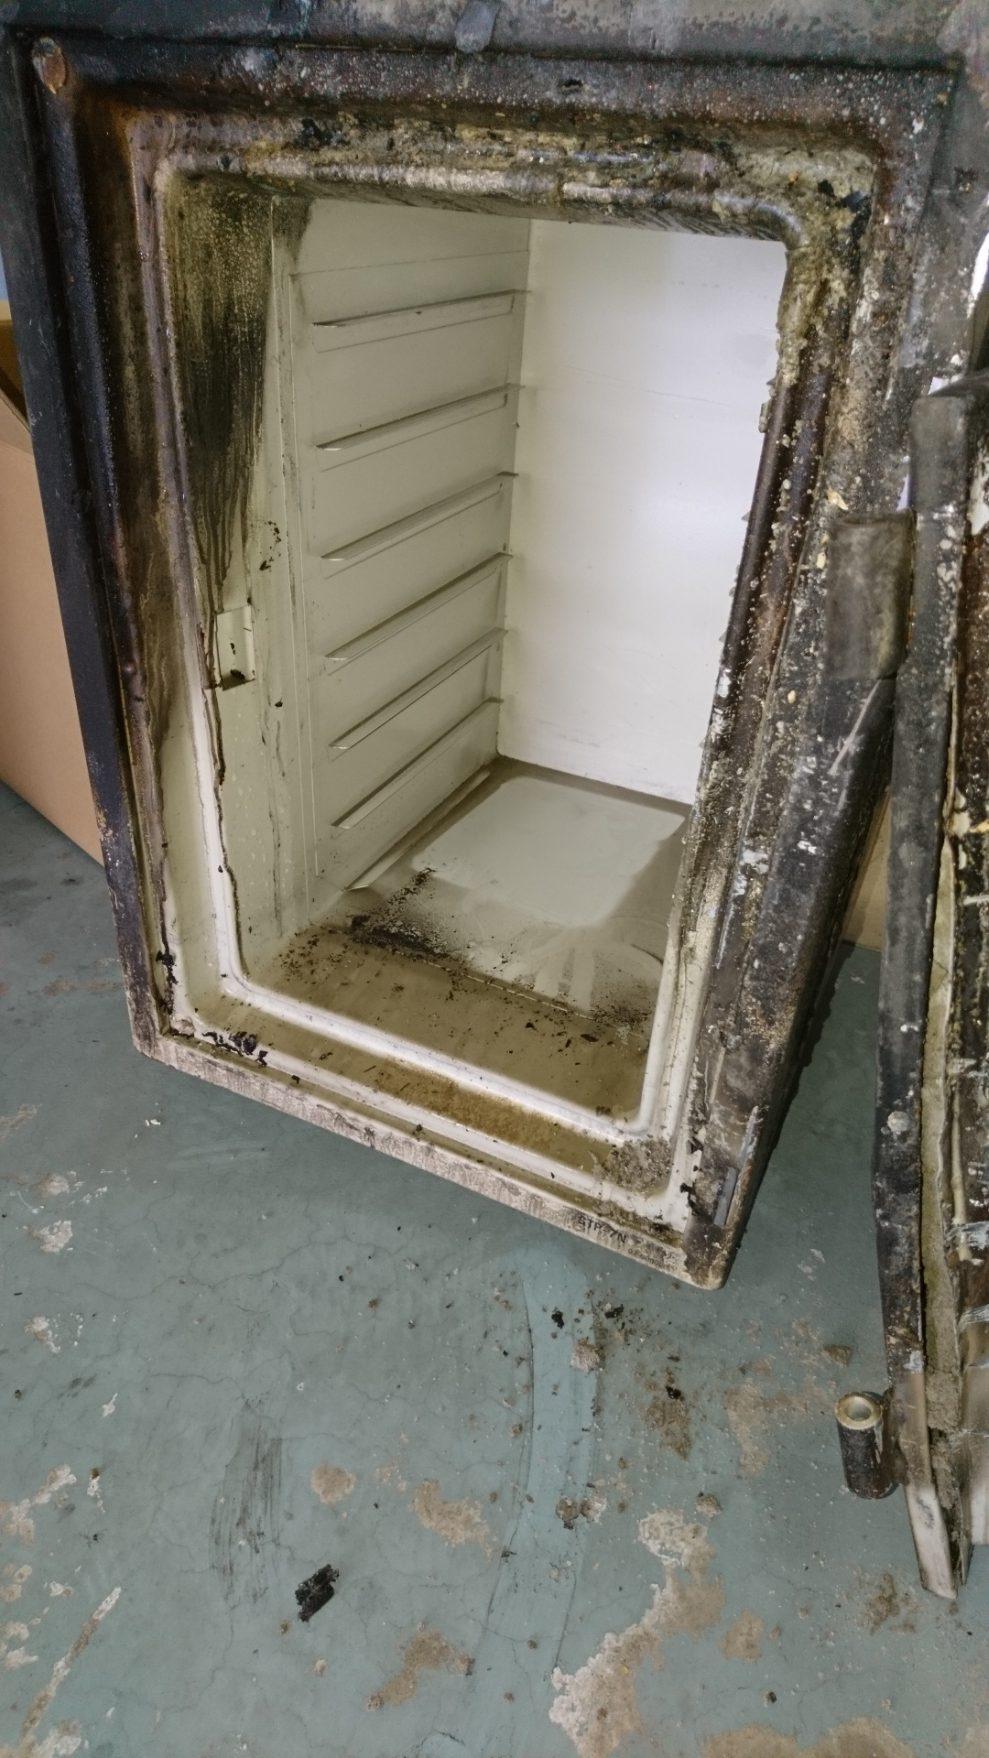 金庫内部は、一部がすすで汚れていましたが、内部が解けたり焼損している事は無かったです。